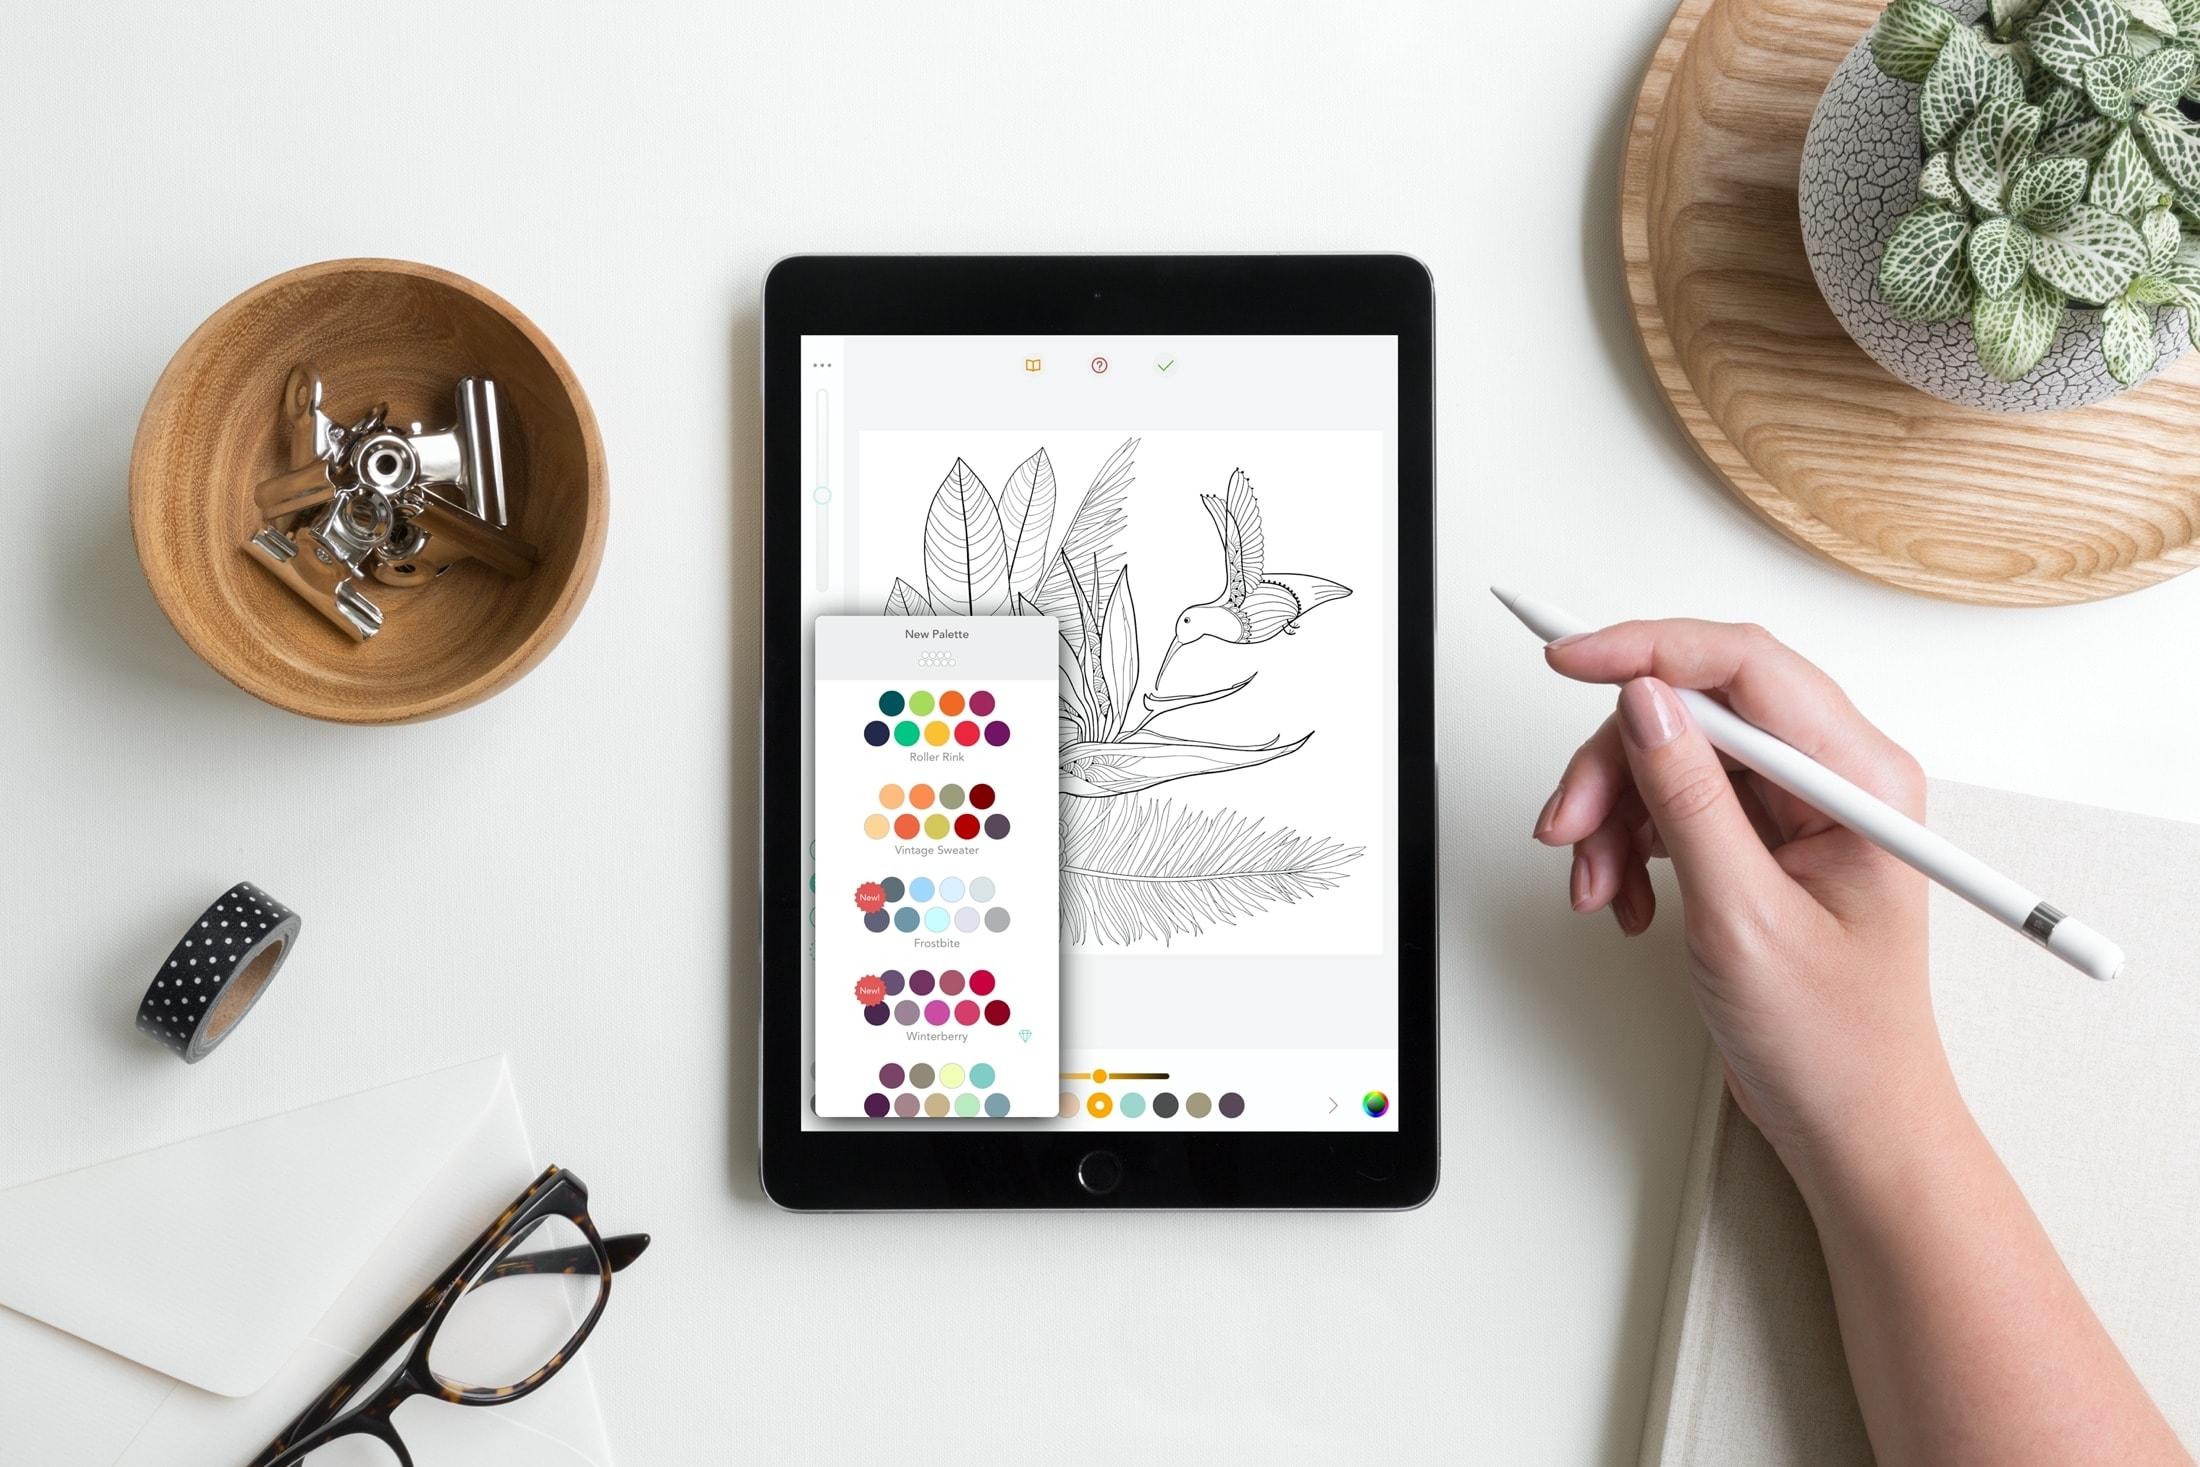 Aplicaciones de libros para colorear - Pigmento